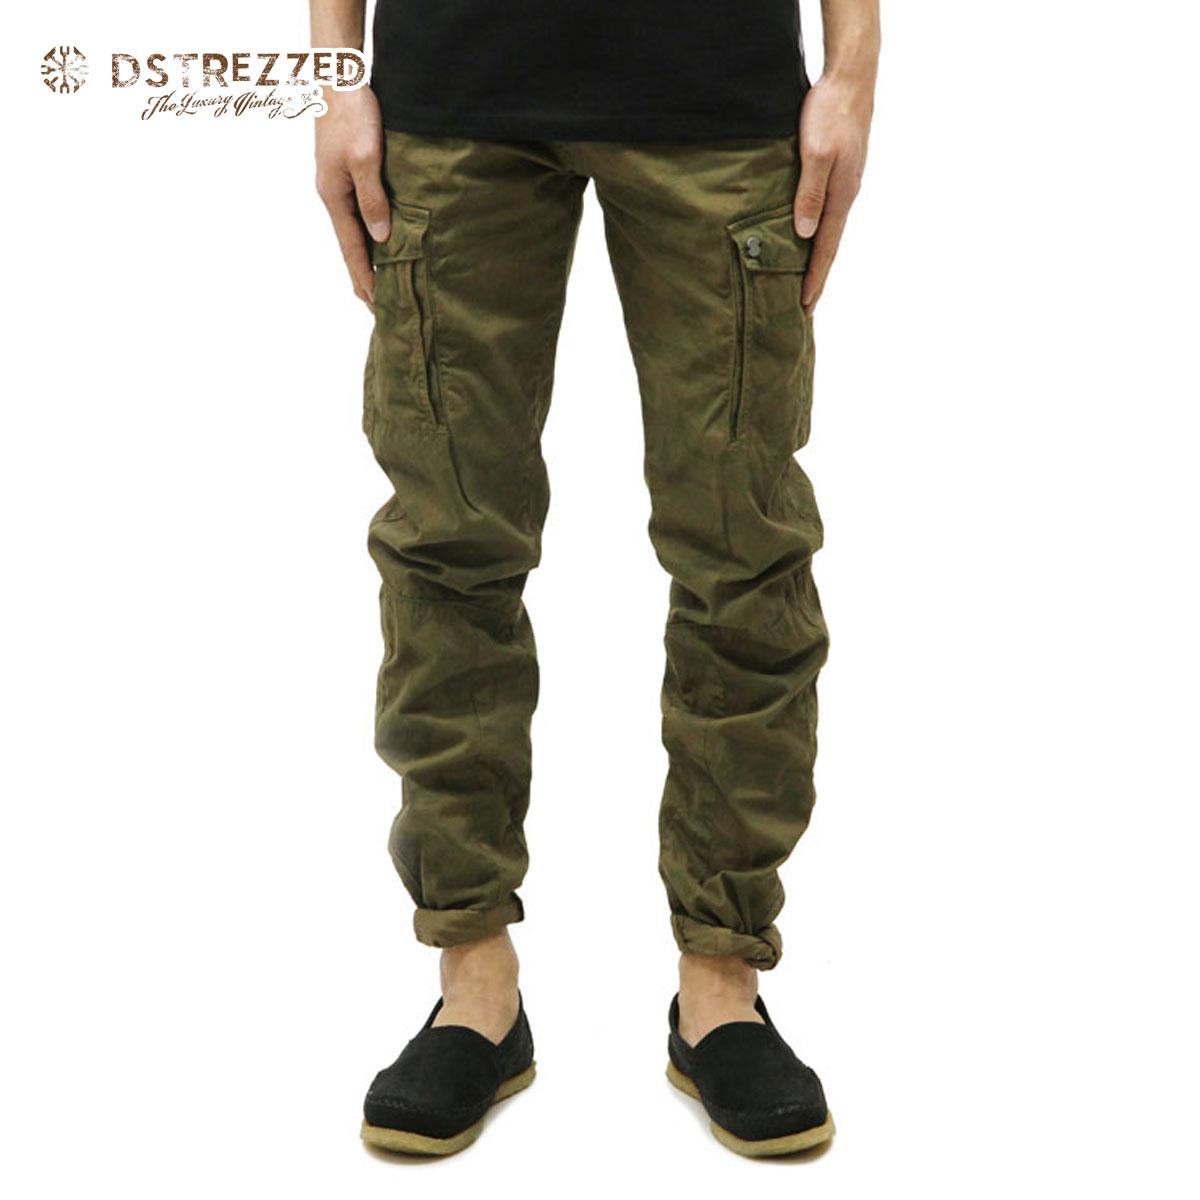 ディストレス DSTREZZED 正規販売店 メンズ カーゴパンツ FANCY CARGO PANTS SADDLE BROWN 501162 112 D00S15